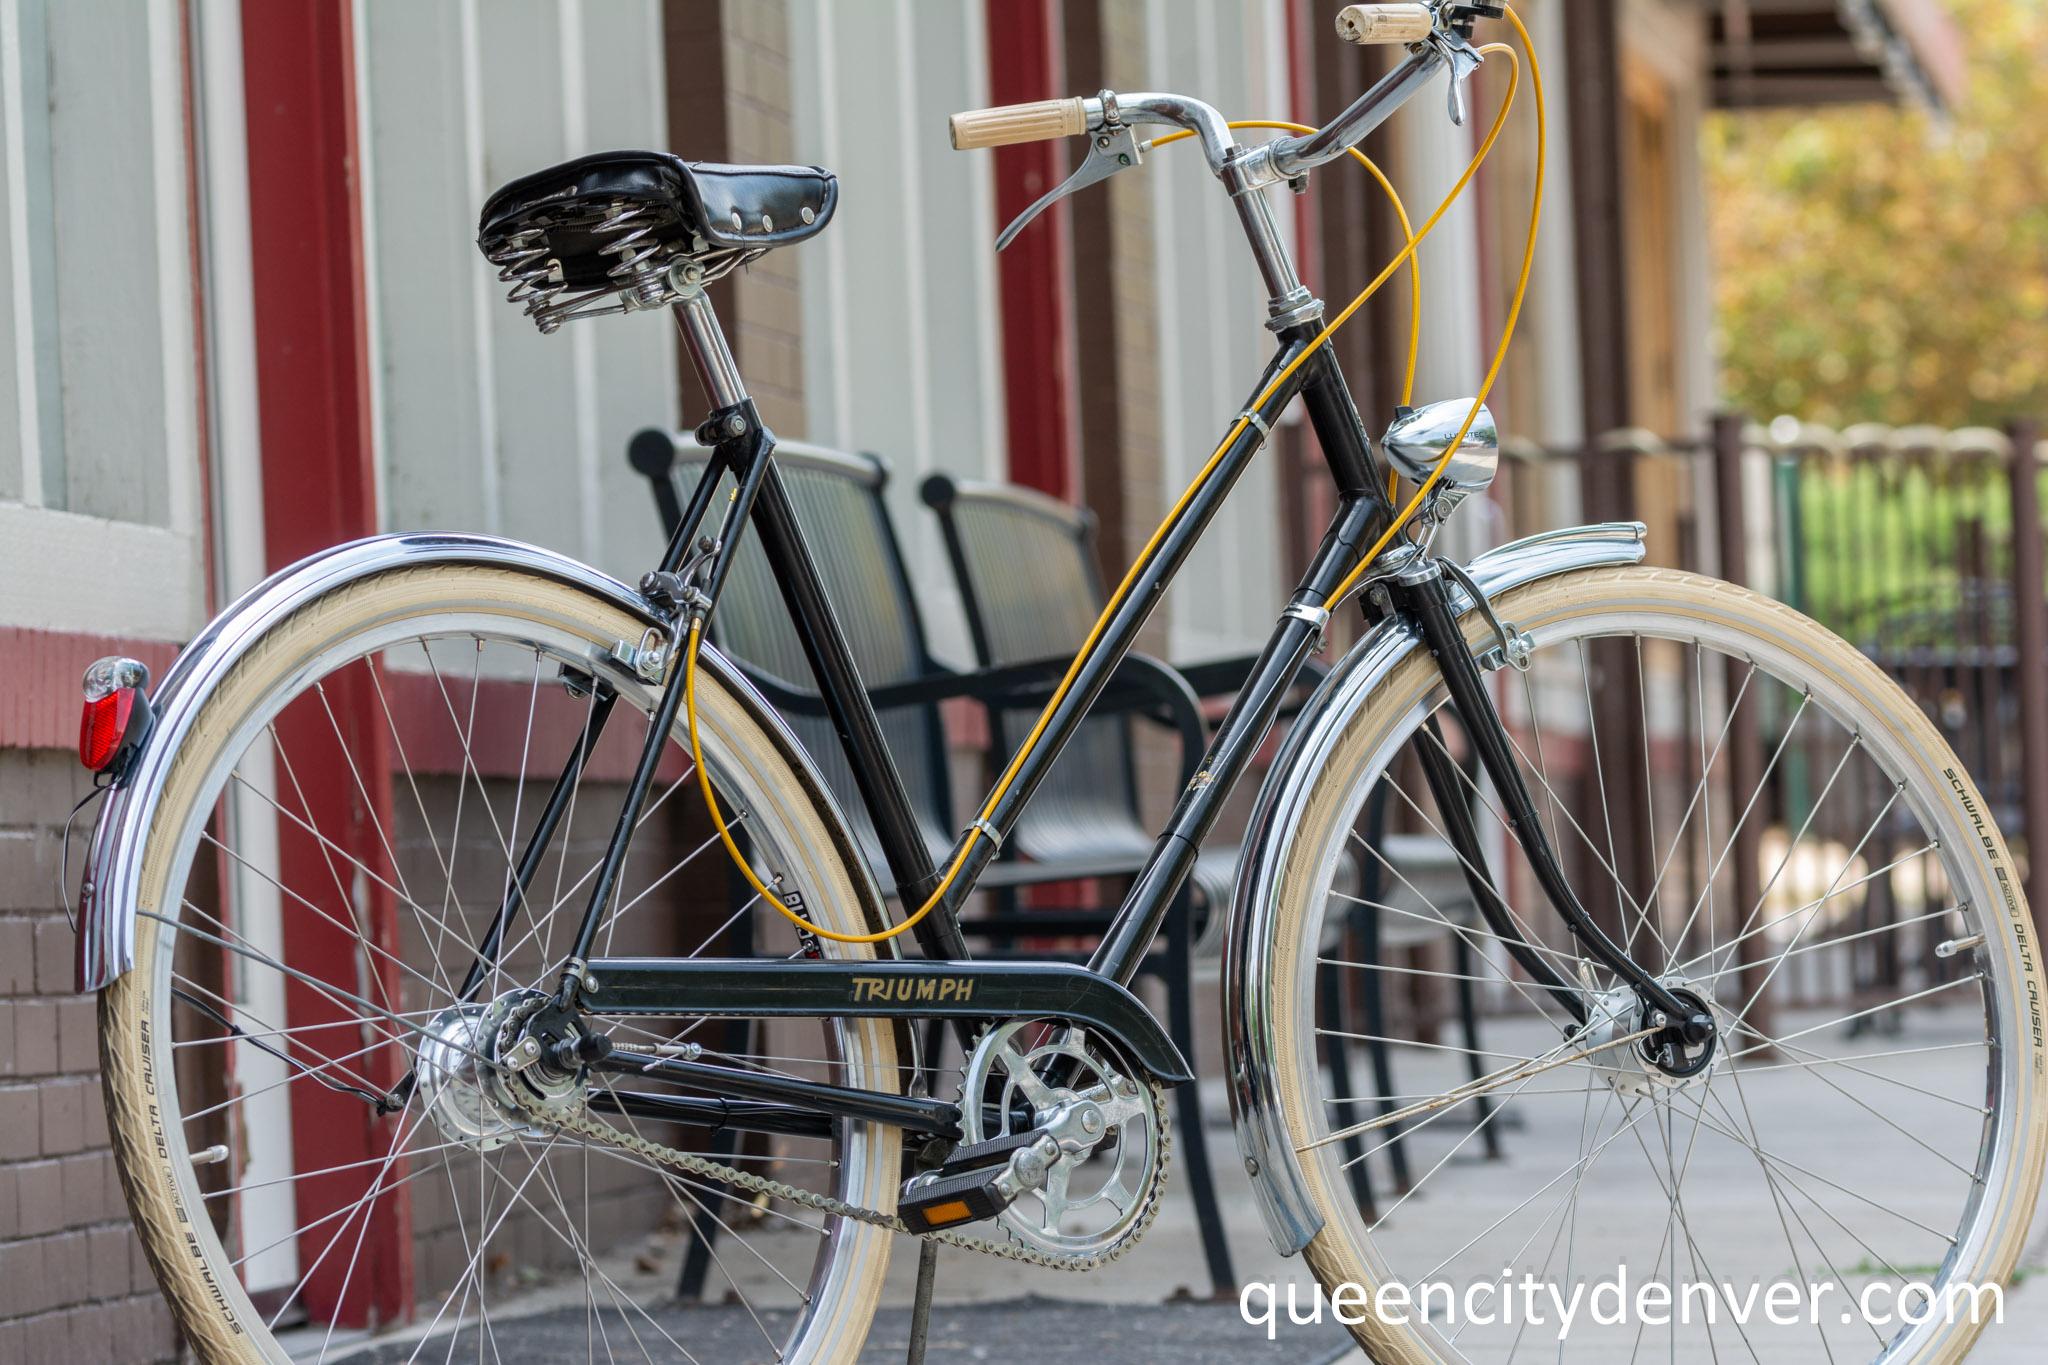 Triumph bike manufactured in England